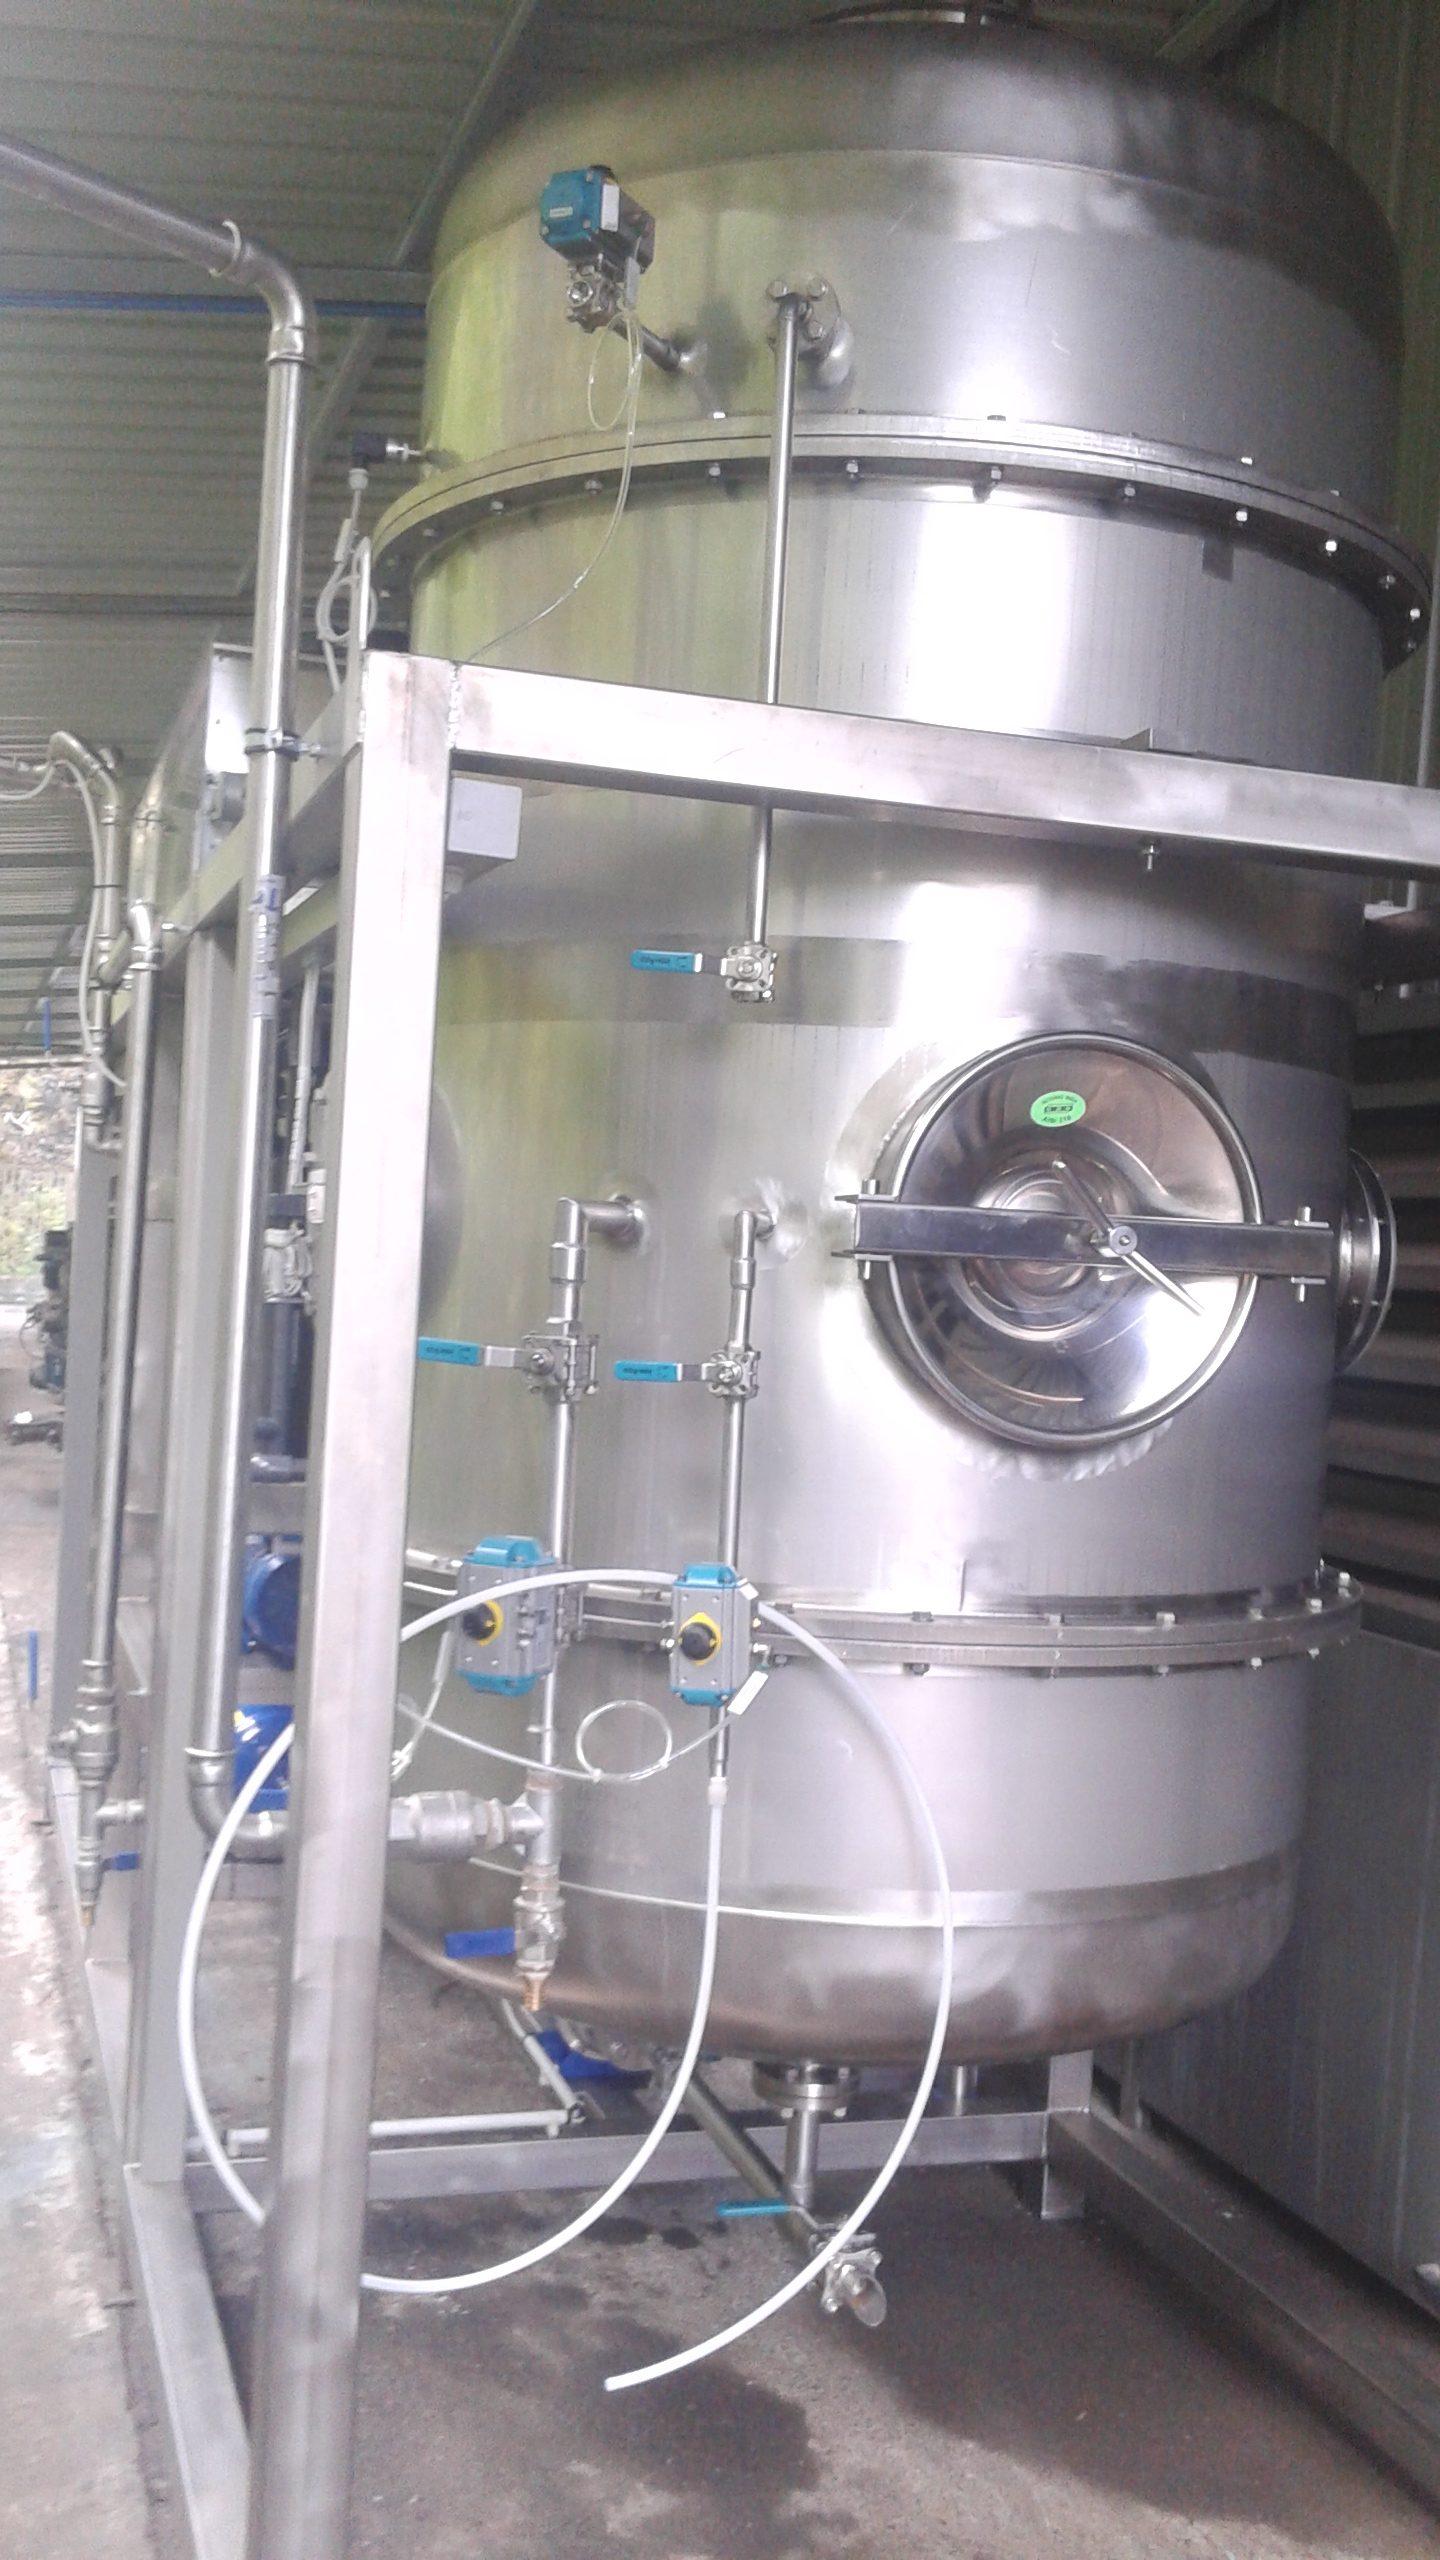 caldera Evaporador 1 rotated